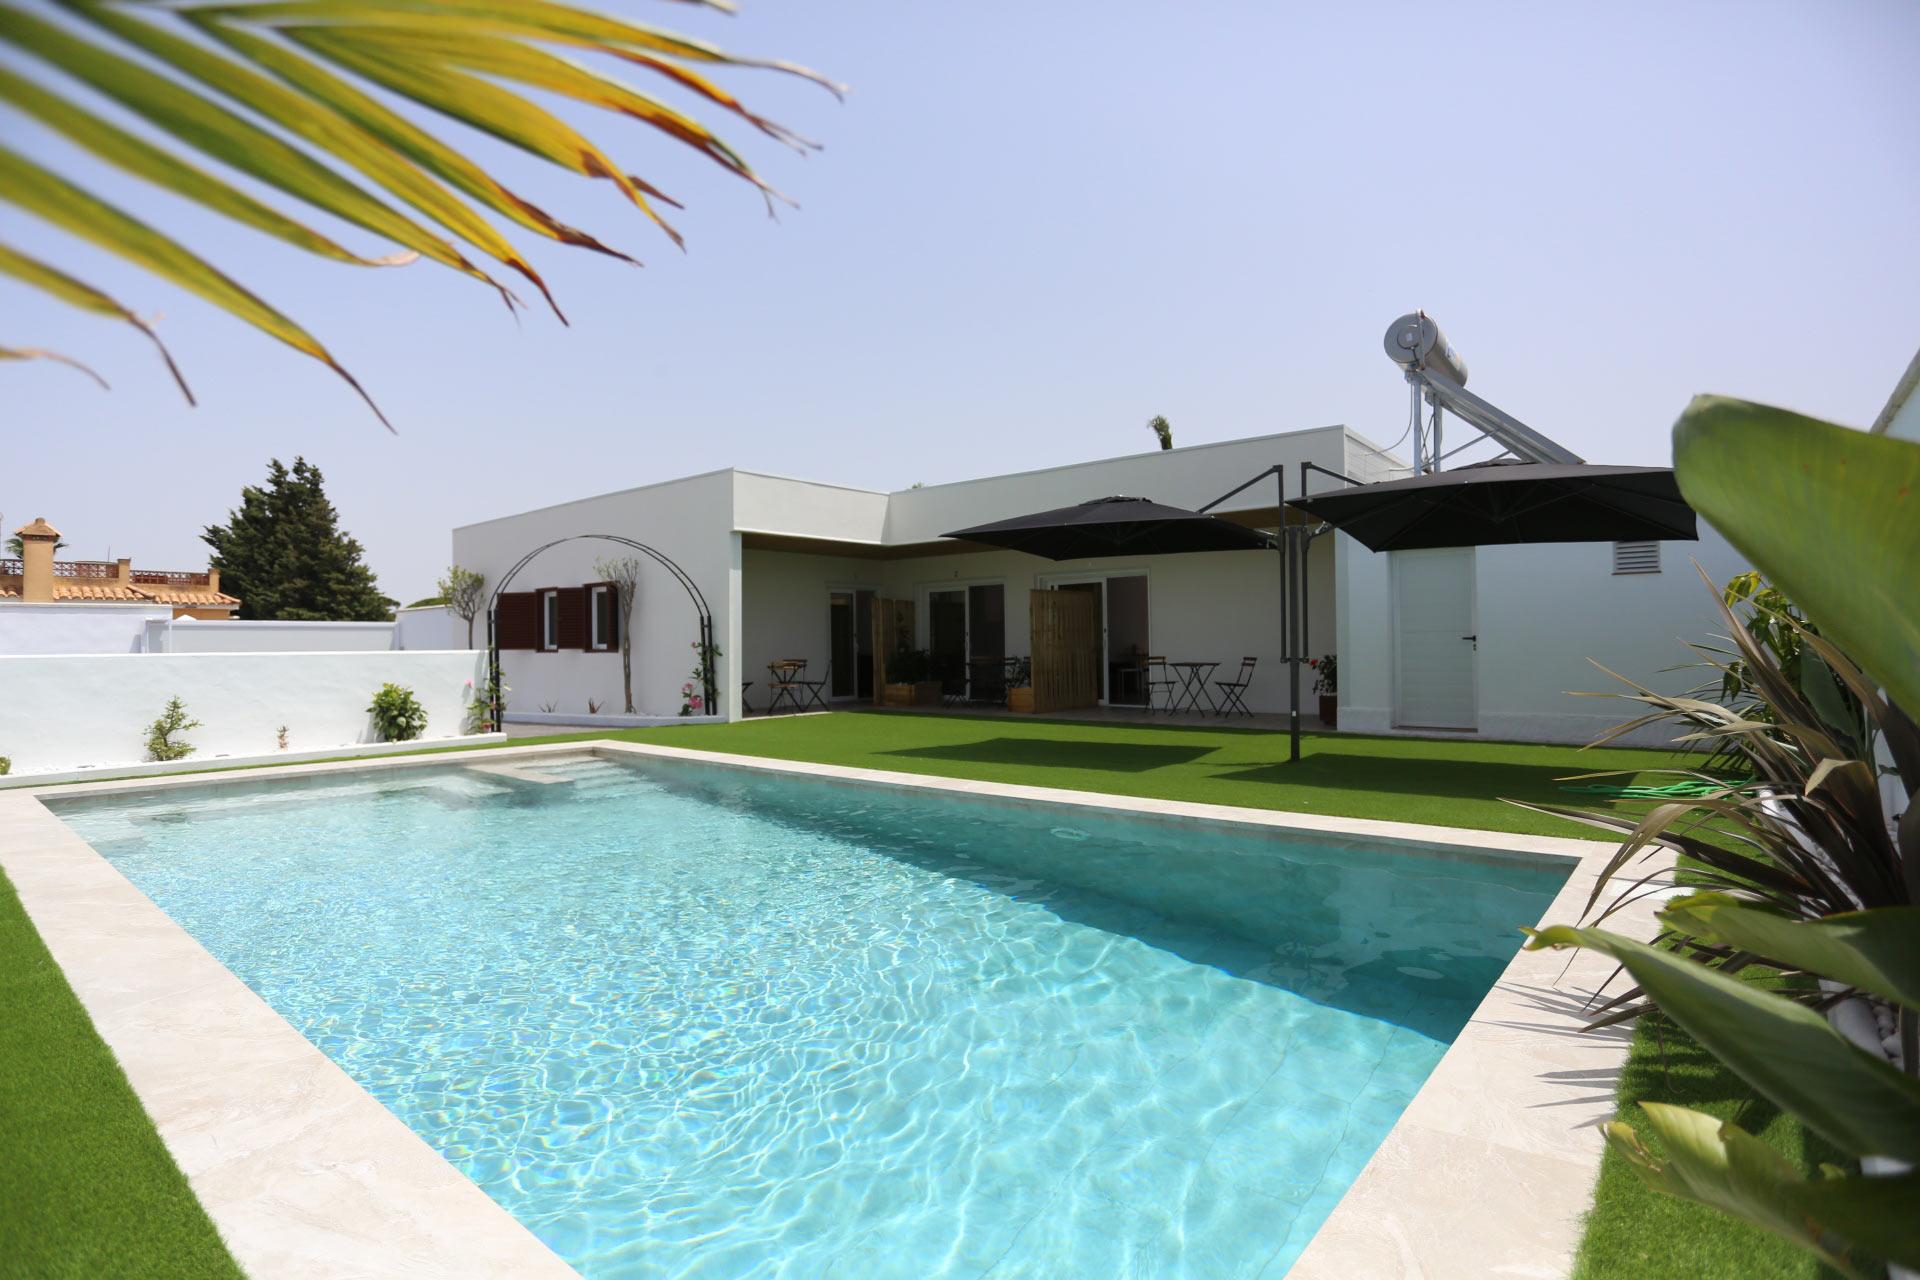 2 dormitorios,4 personas. La Mar Salá, estupendos apartamentos en Conil con piscina cerca de la playa de la Cala del Aceite. Con aparcamiento privado, patio privado con barbacoa, ducha y solarium. Apartamento 1 para 4 a 10 personas.